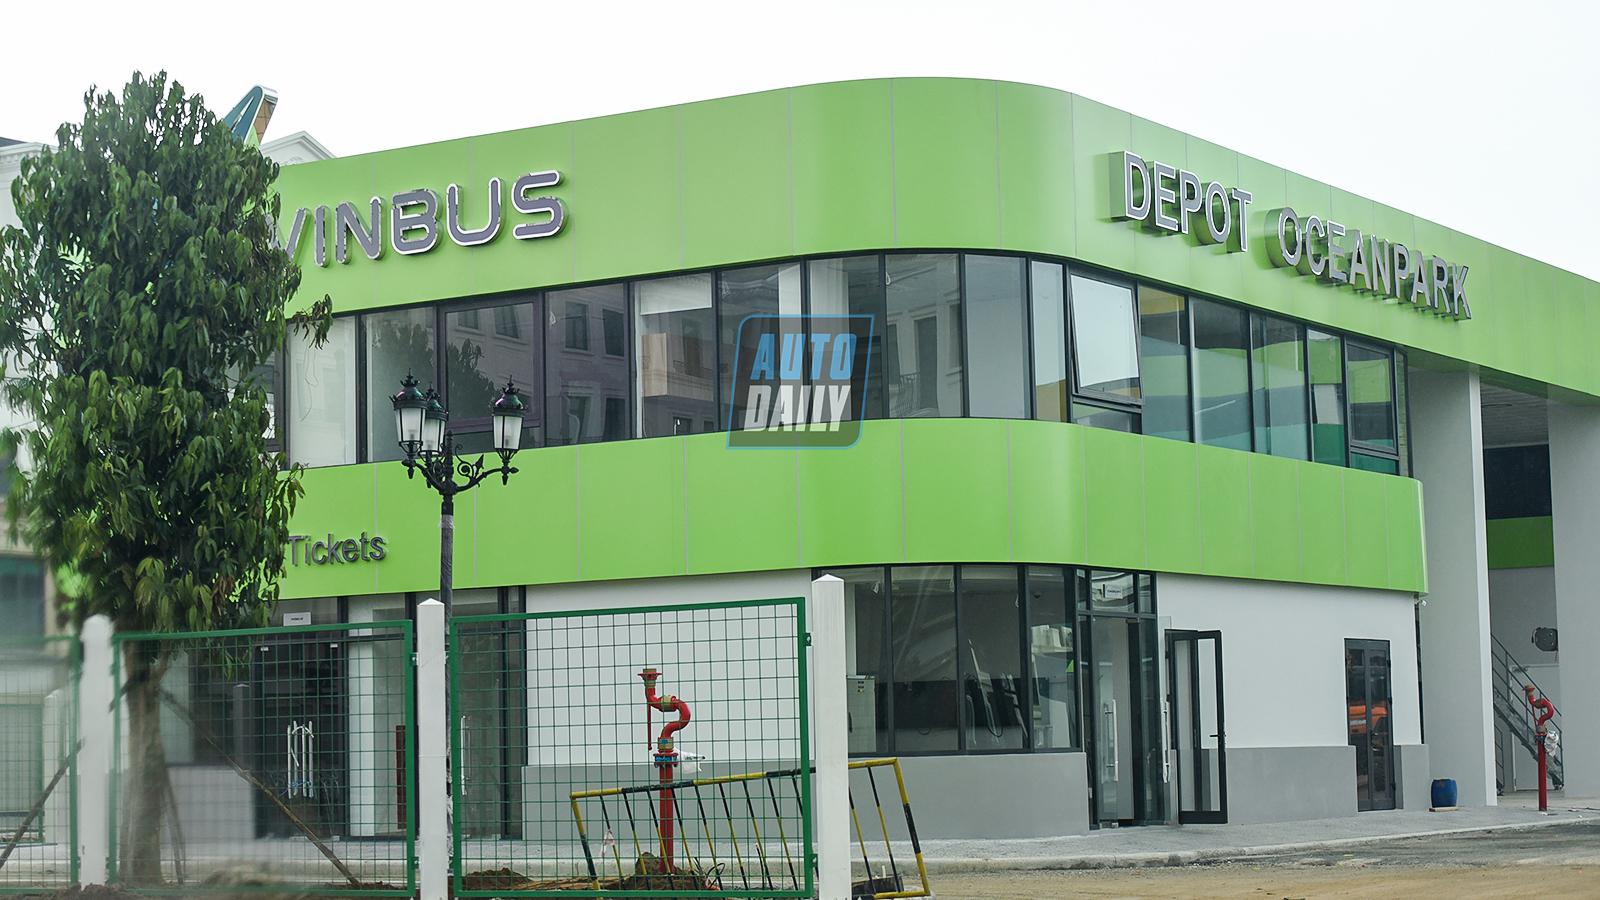 Xe Bus điện của VinFast sắp hoạt động tại Hà Nội, nhà ga chính sắp hoàn thiện dsc-9390-copy.jpg